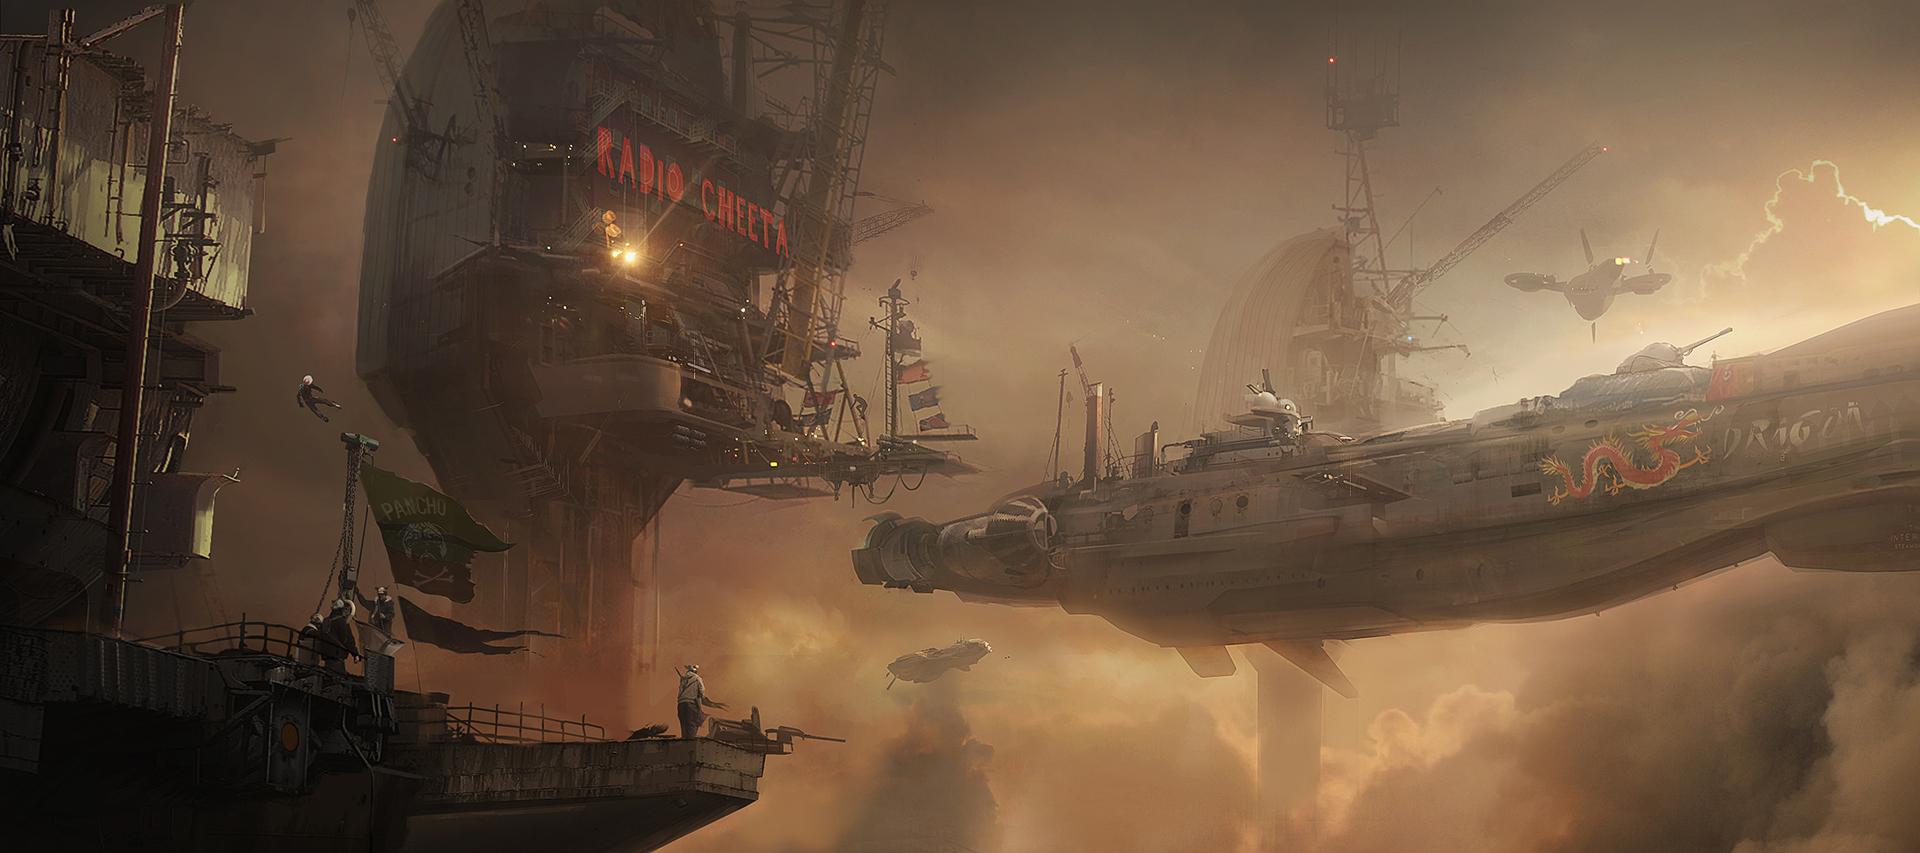 东南亚建筑风格_《超越善恶2》概念原画 蒸汽朋克风格天空之城_www.3dmgame.com